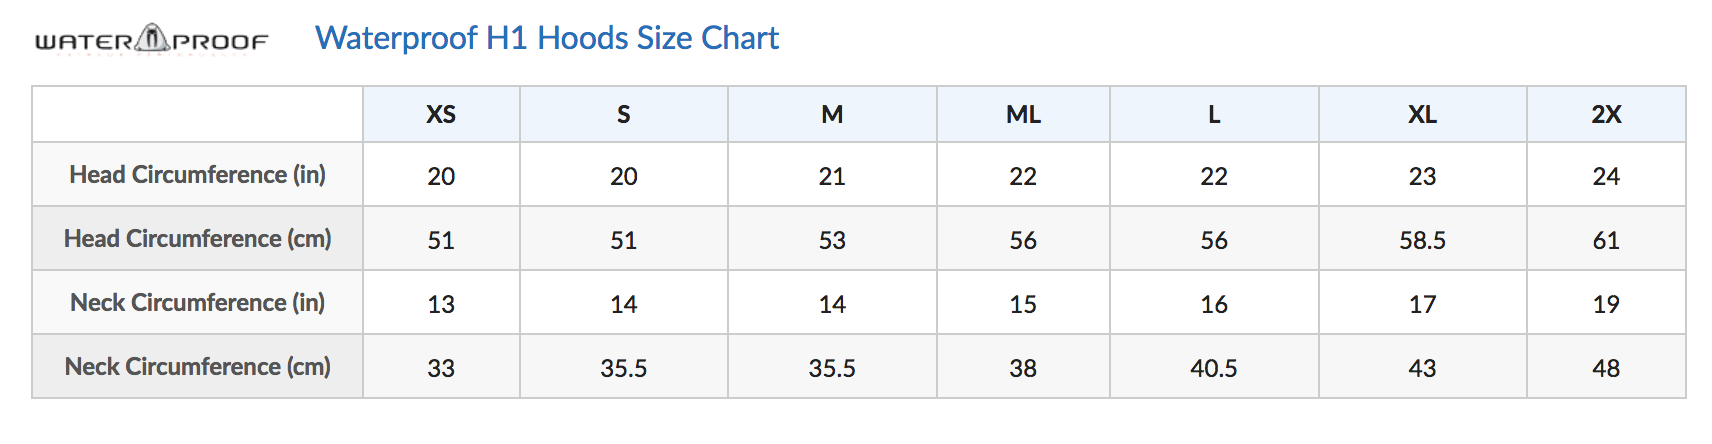 Female Size Chart for H1 5/7mm Hood-No BIB -